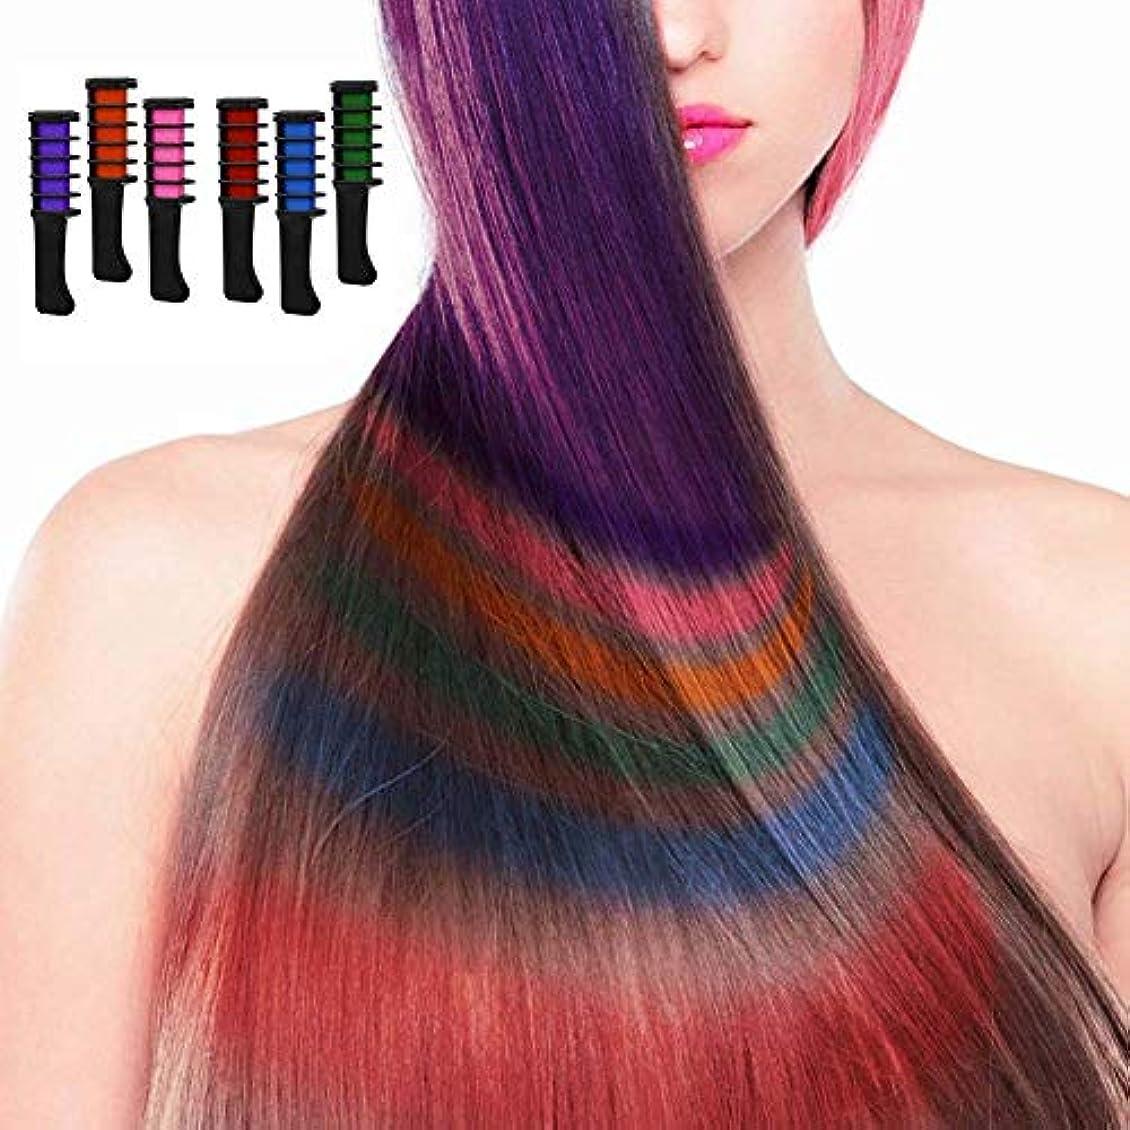 インテリア耳あたたかい使い捨てヘアダイスティック一時的なヘアカラークリームはすべての髪の色で動作しますDIYパーティーコスプレハロウィン(6色)